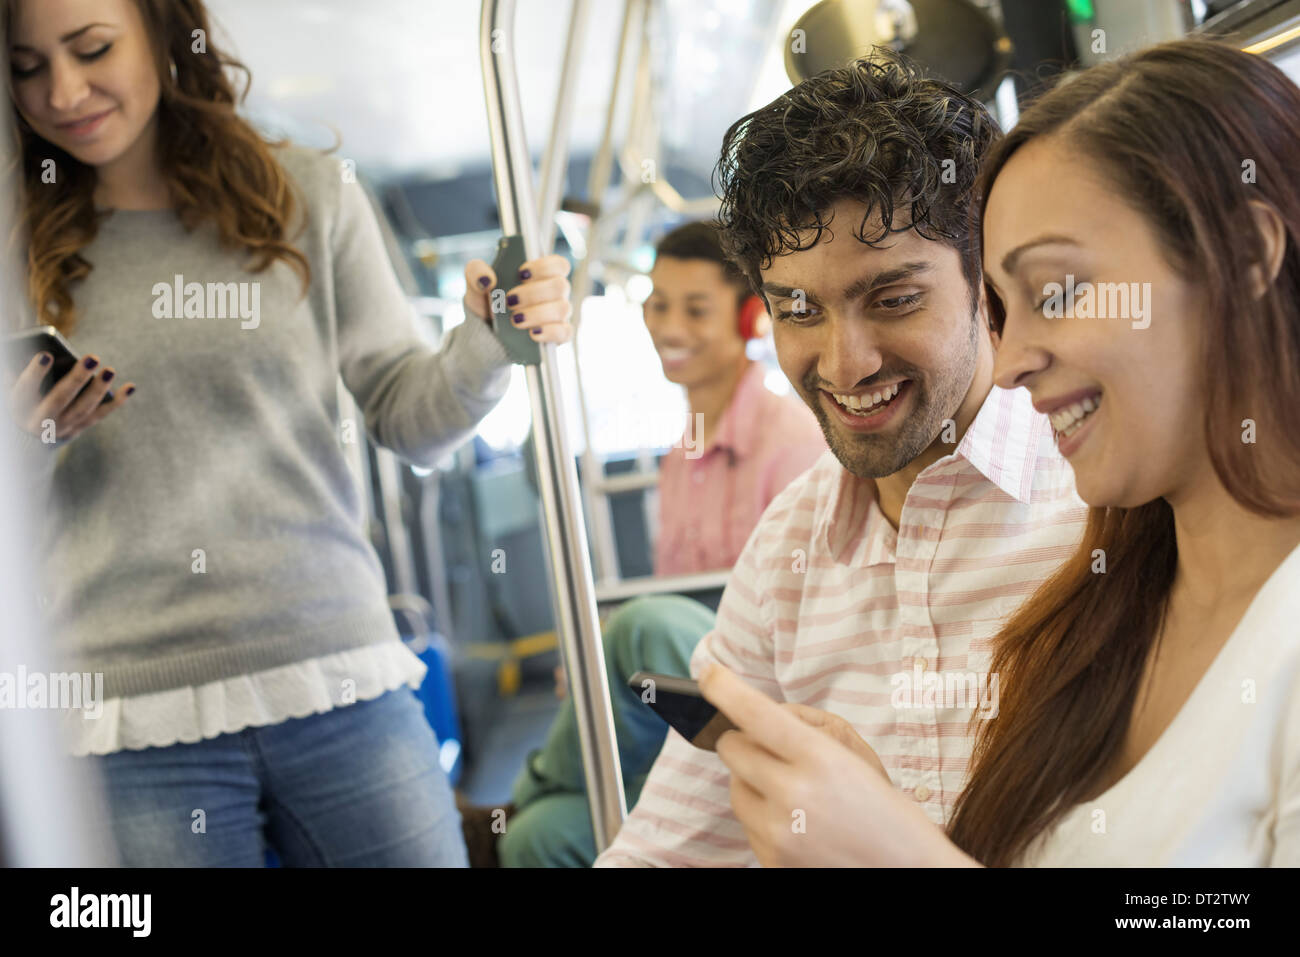 Hombres y mujeres en un autobús urbano en la ciudad de Nueva York un hombre vestido con auriculares y una pareja mirando un teléfono móvil Imagen De Stock